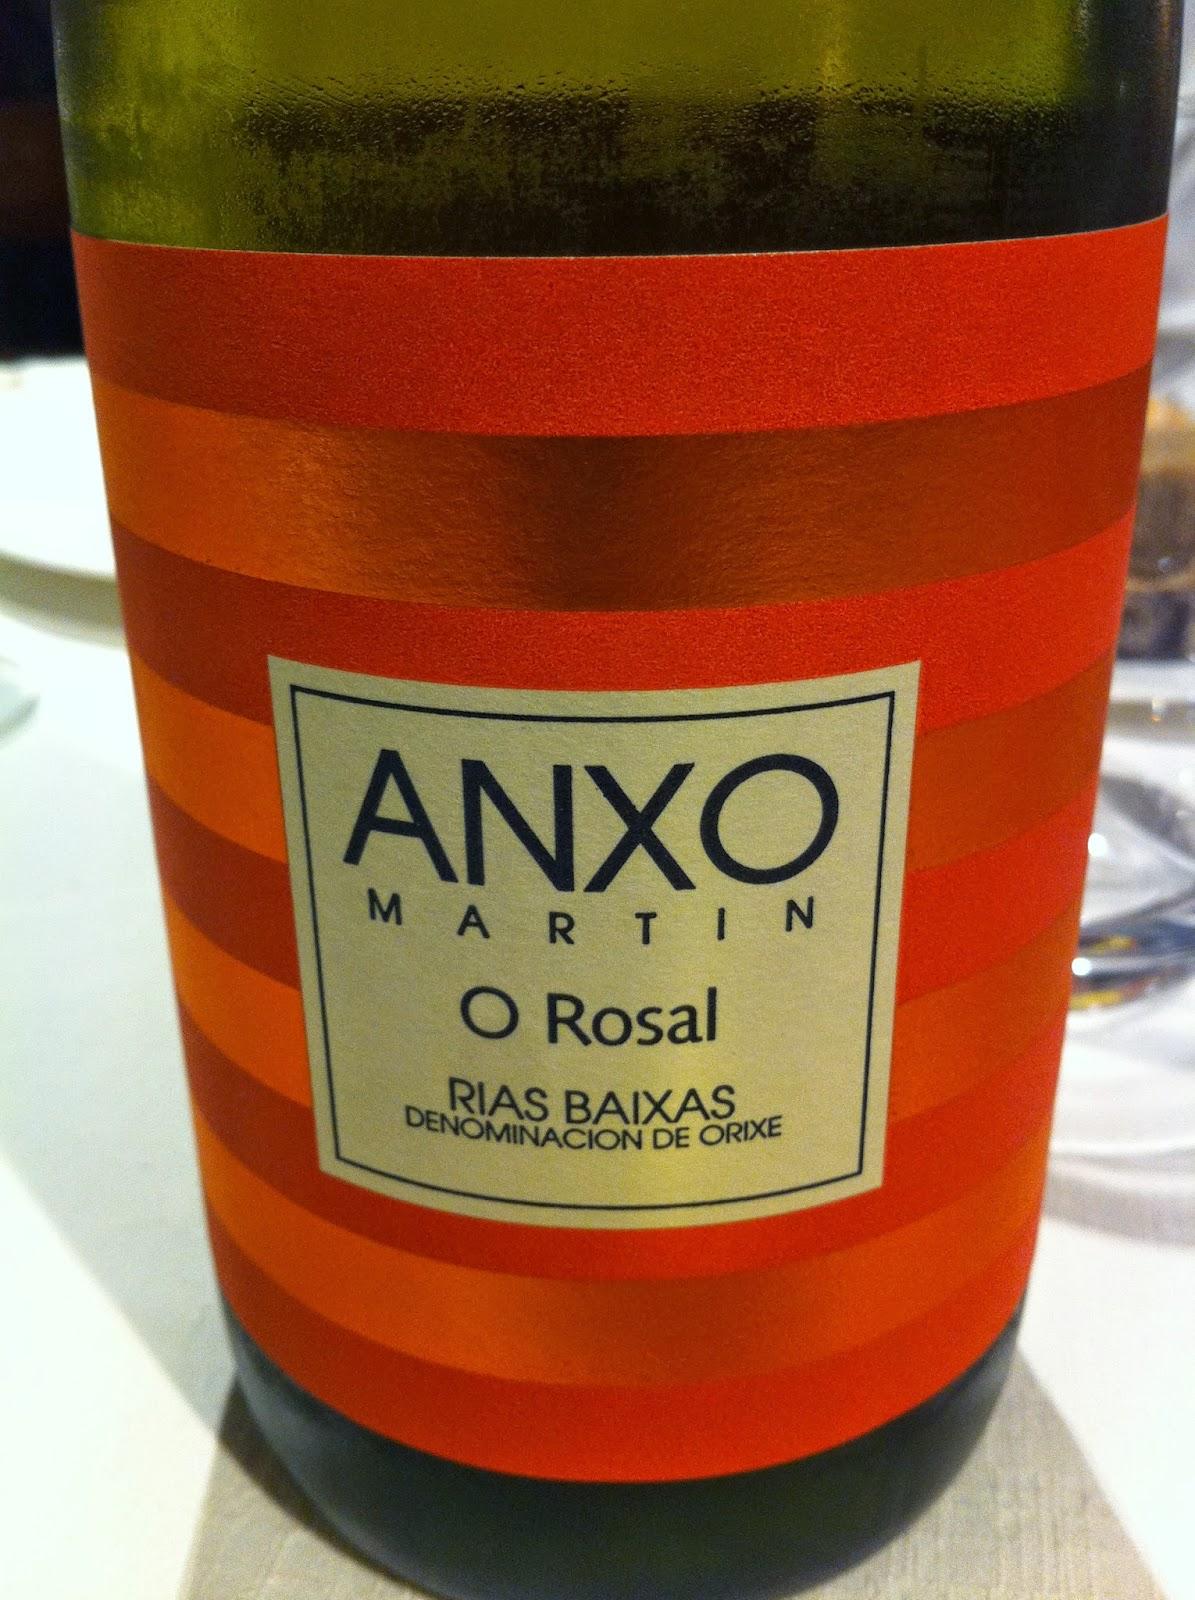 anxo-martín-o-rosal-2011-rías-baixas-2011-blanco